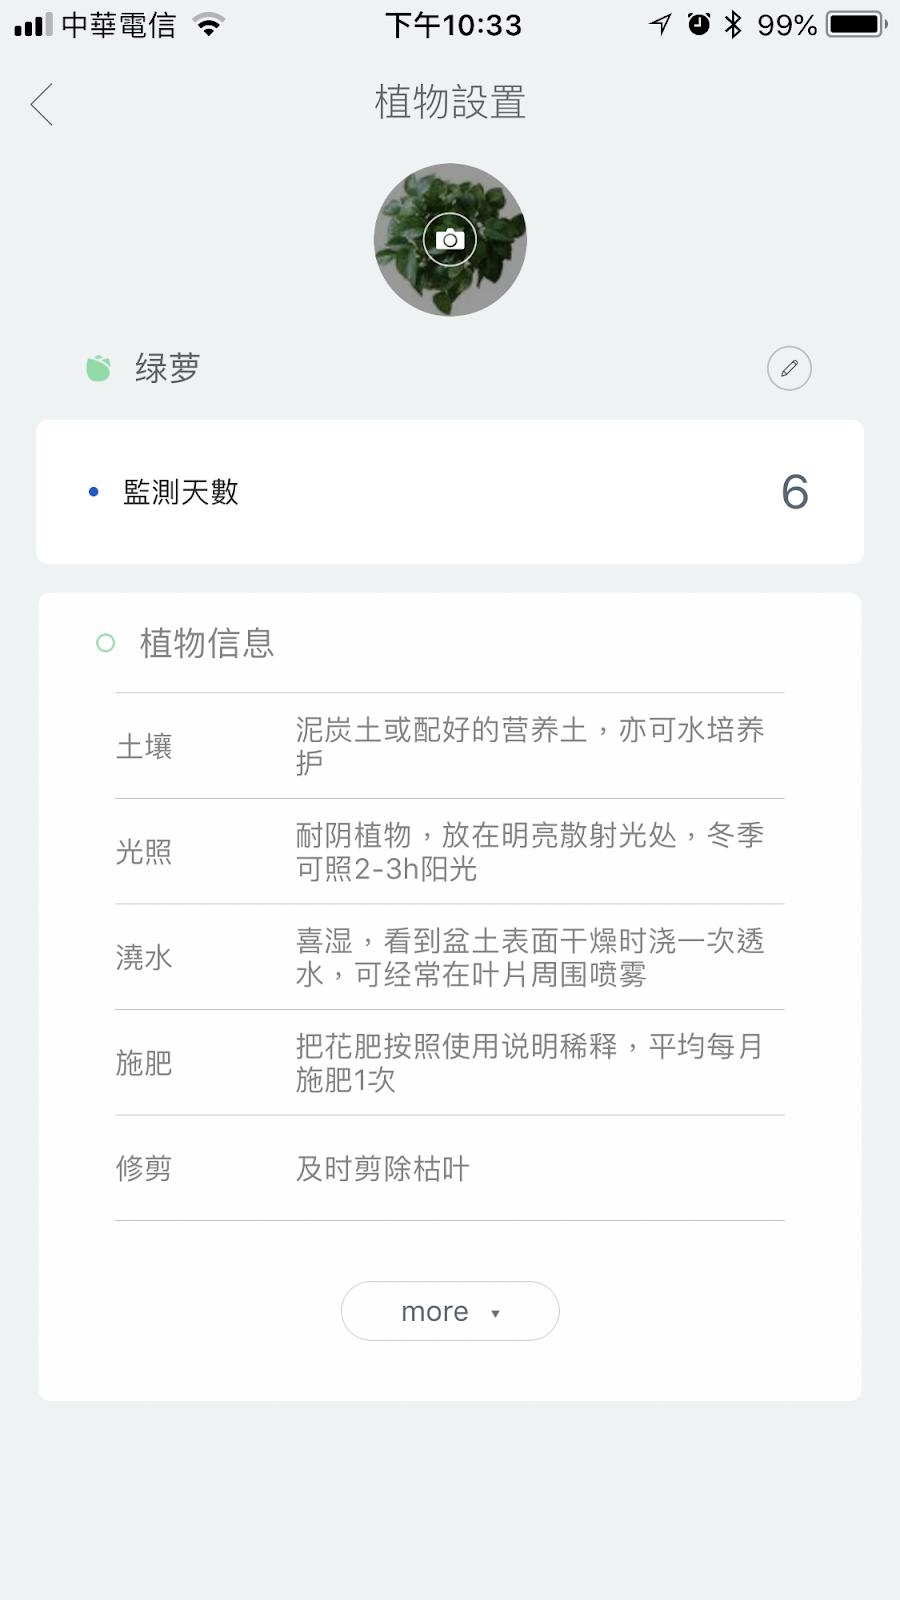 筆記, 抓取小米花花草草監測儀的數據資料(Mi Flora, Bluetooth